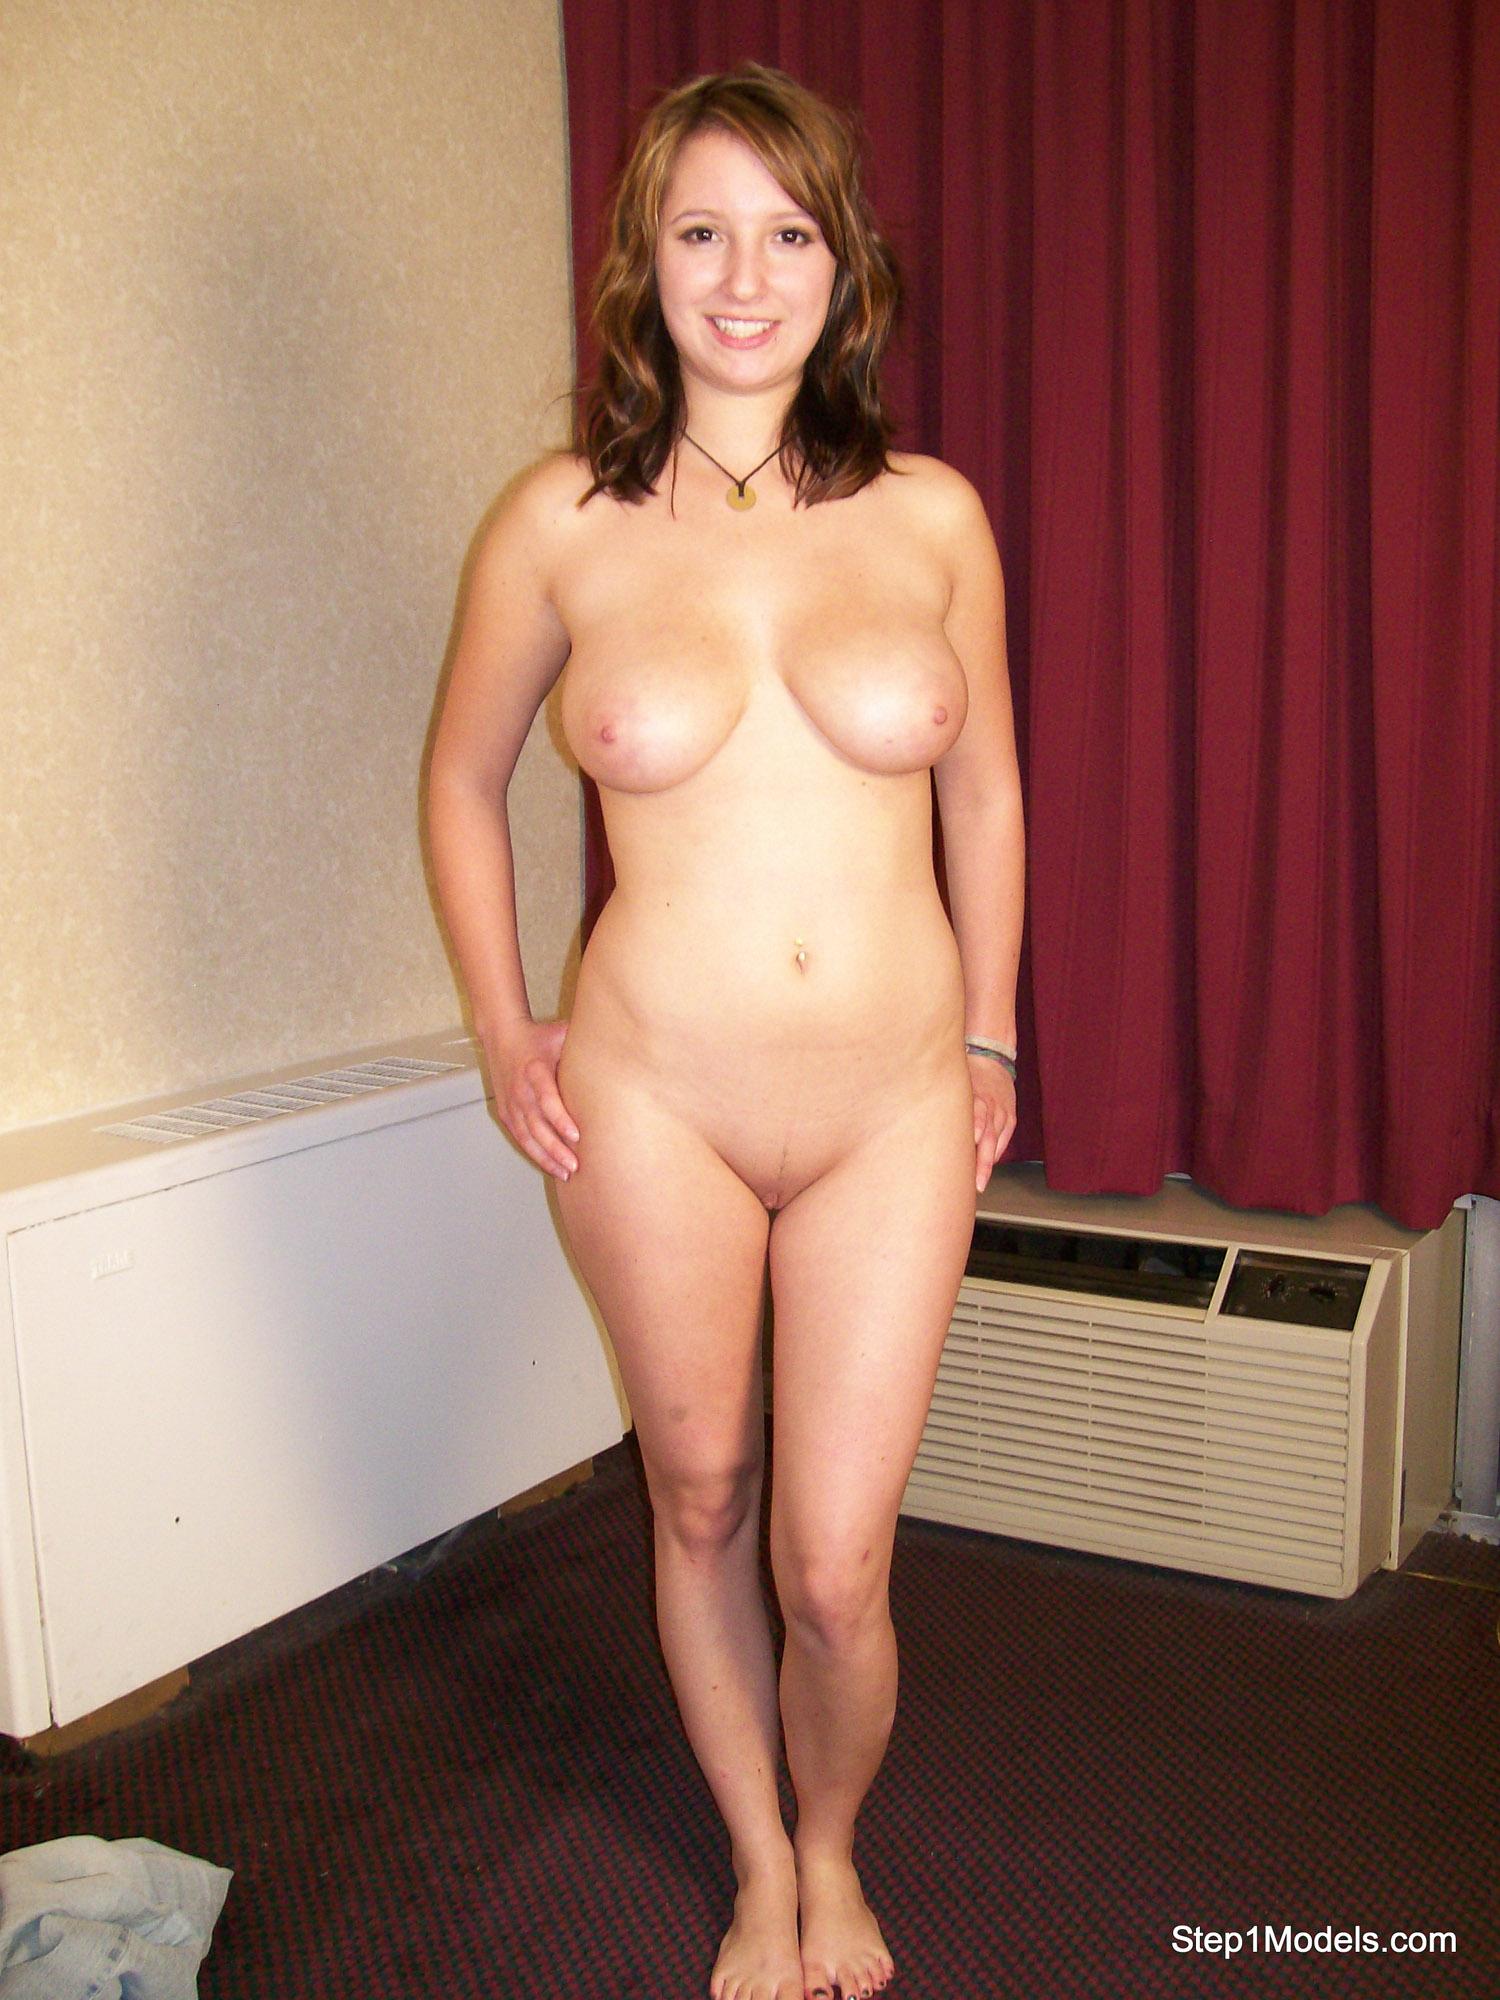 Смотреть порно ролики mpg4 бесплатно 5 фотография